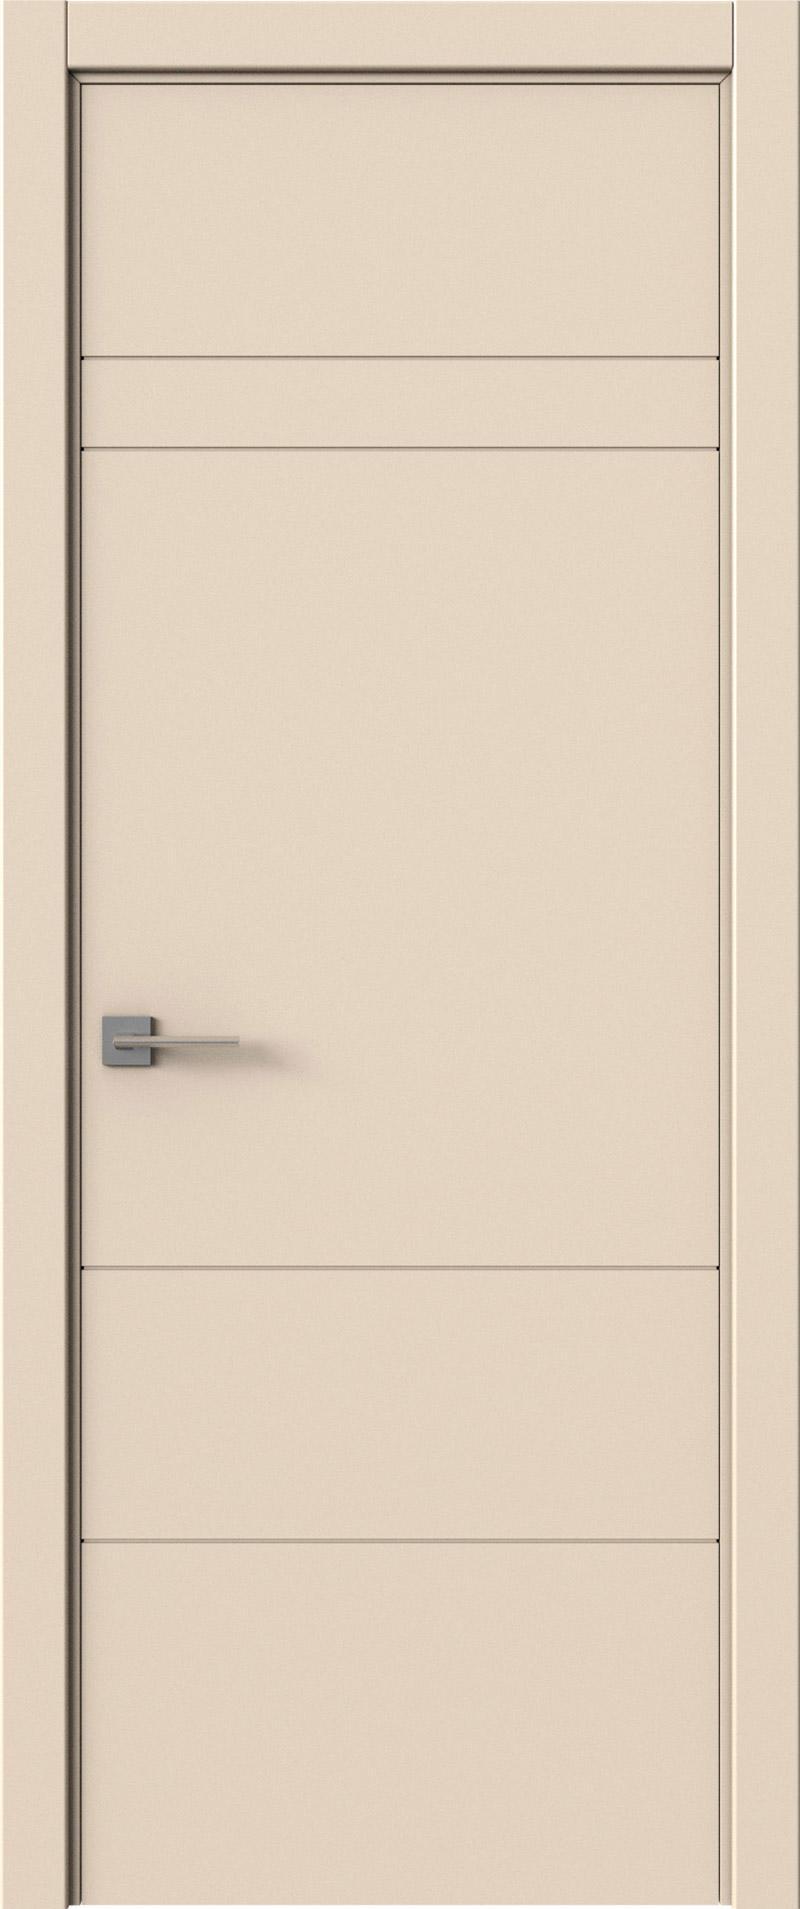 Tivoli К-2 цвет - Жемчужная эмаль (RAL 1013) Без стекла (ДГ)